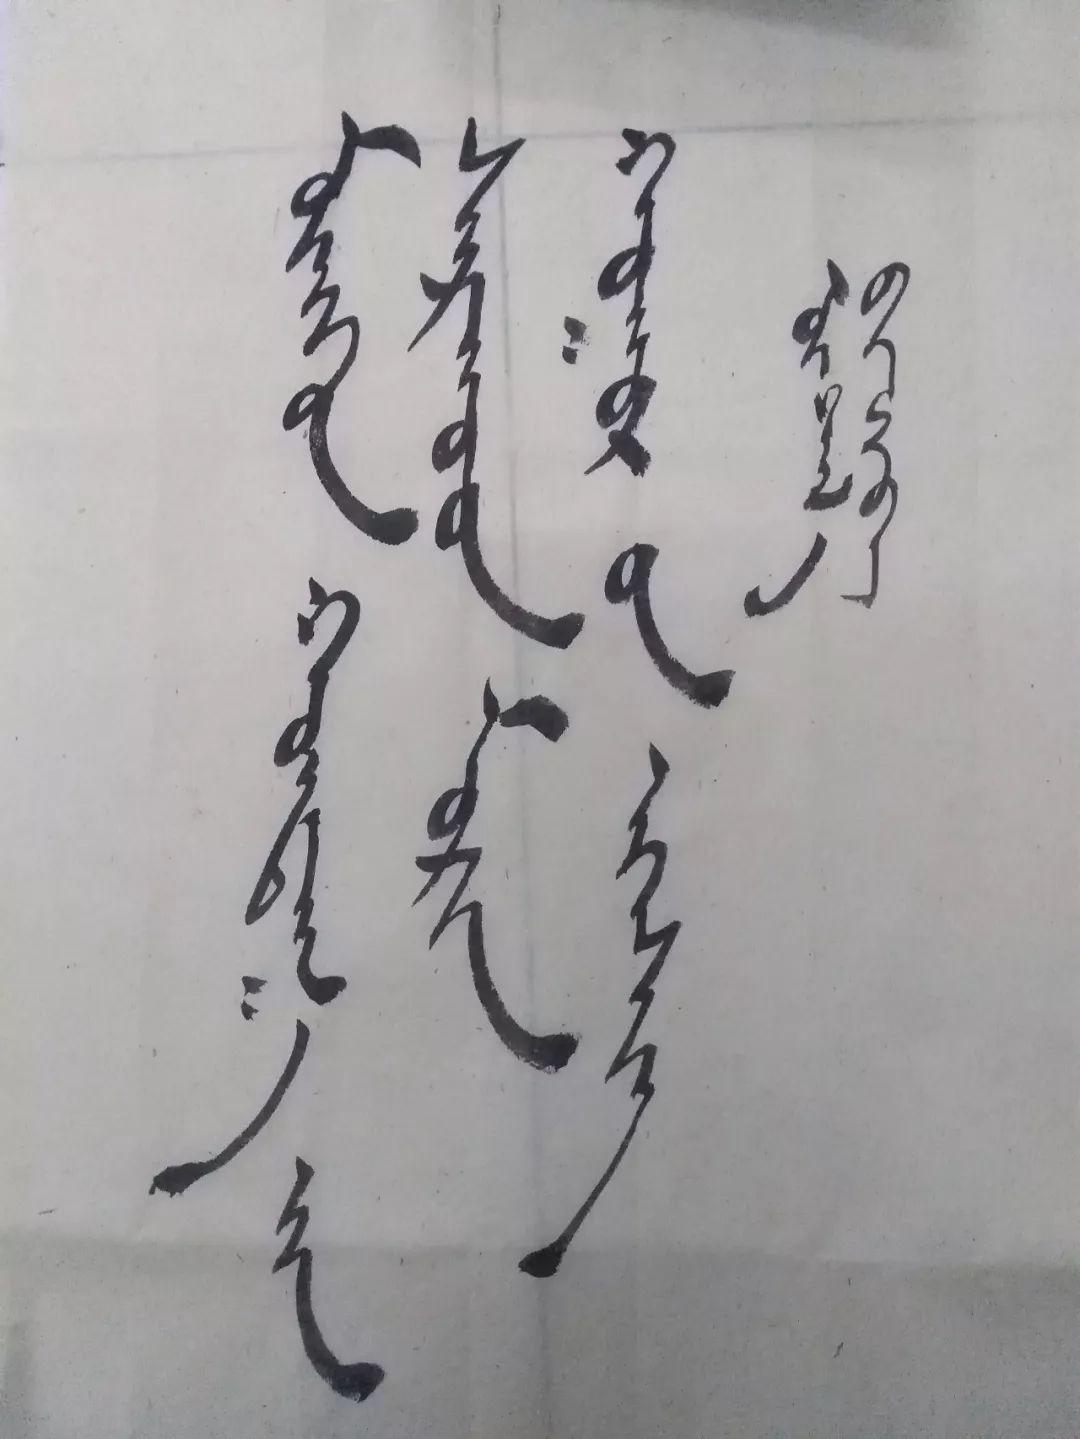 【人物】90后青年才俊乌塔拉:励志为蒙文书法篆刻艺术做贡献 第24张